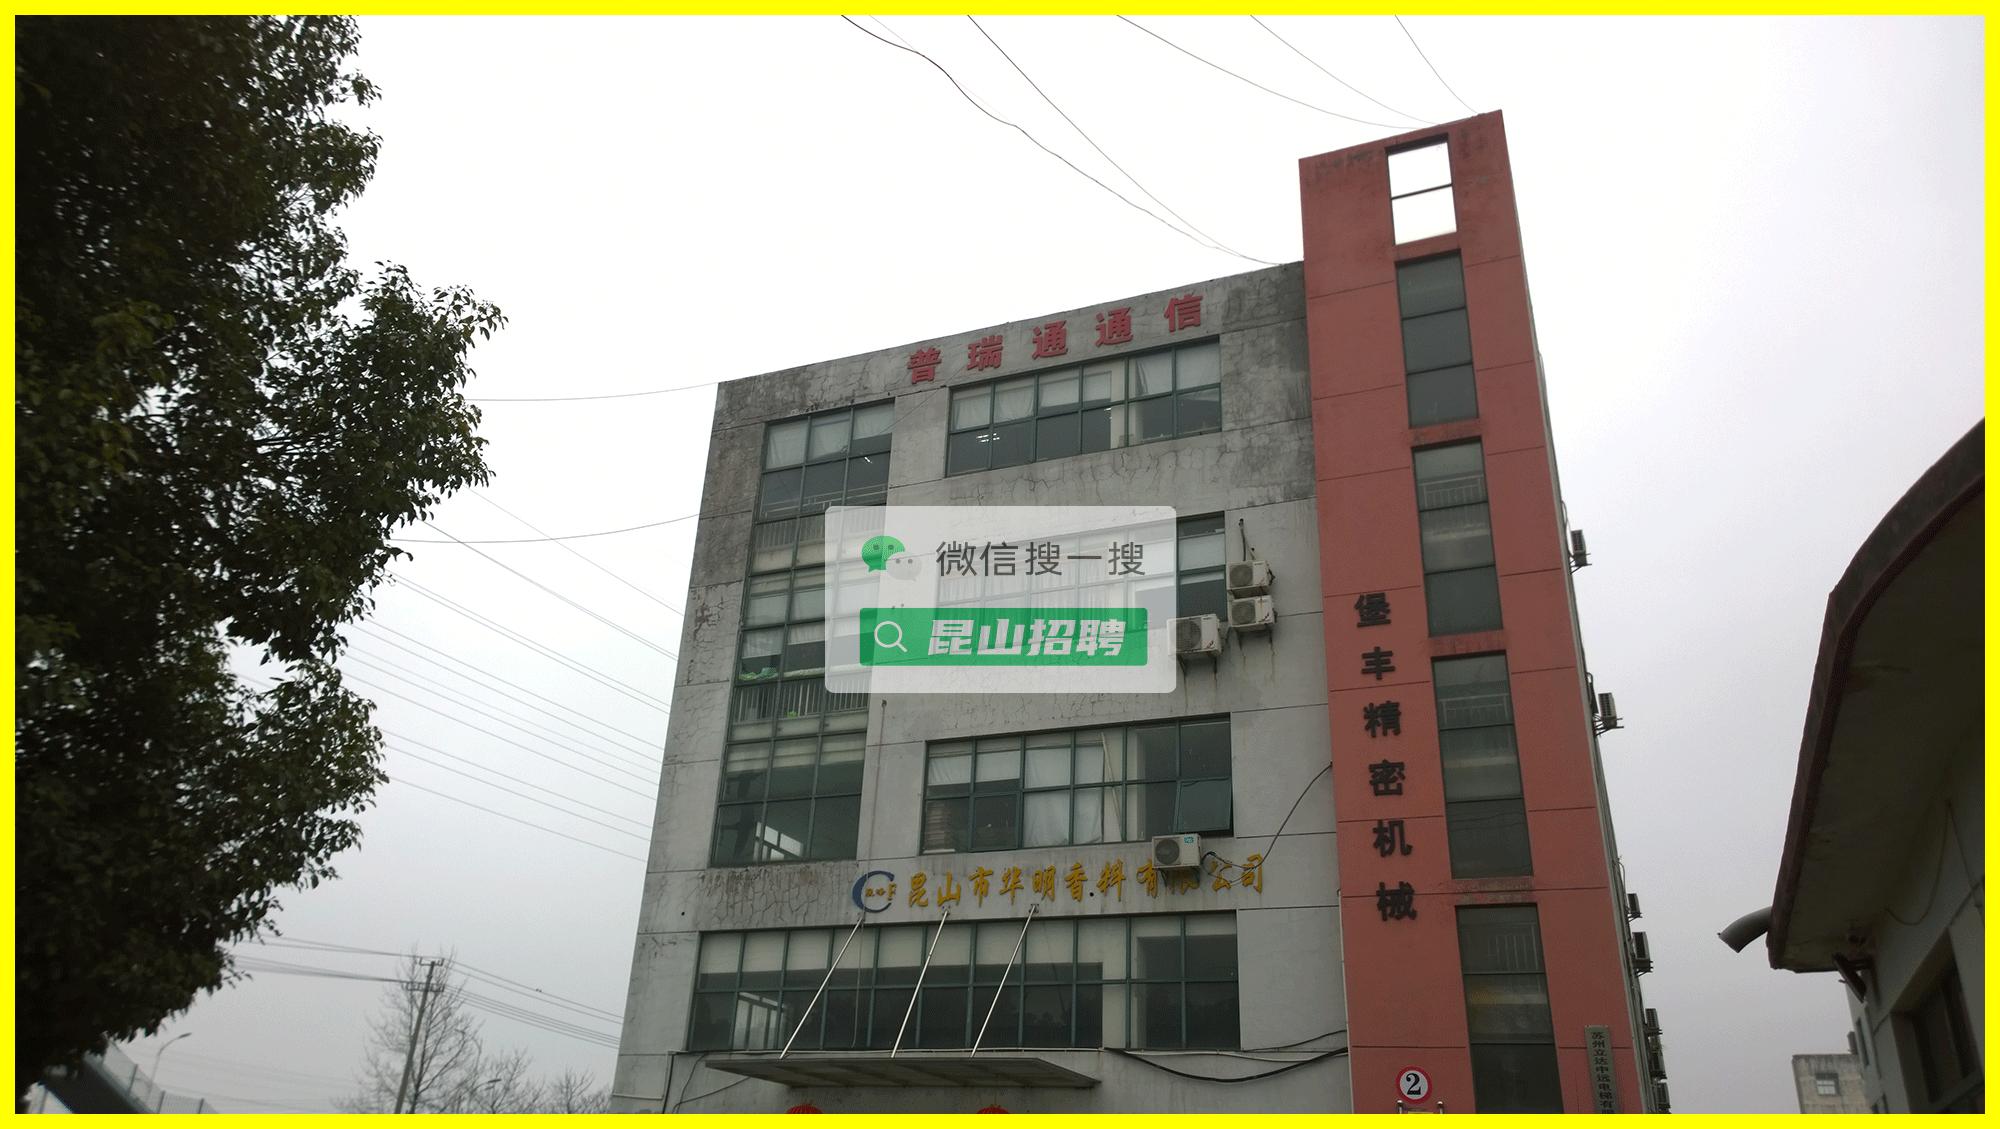 昆山长白班企业名录之苏州普瑞通通信科技发展有限公司